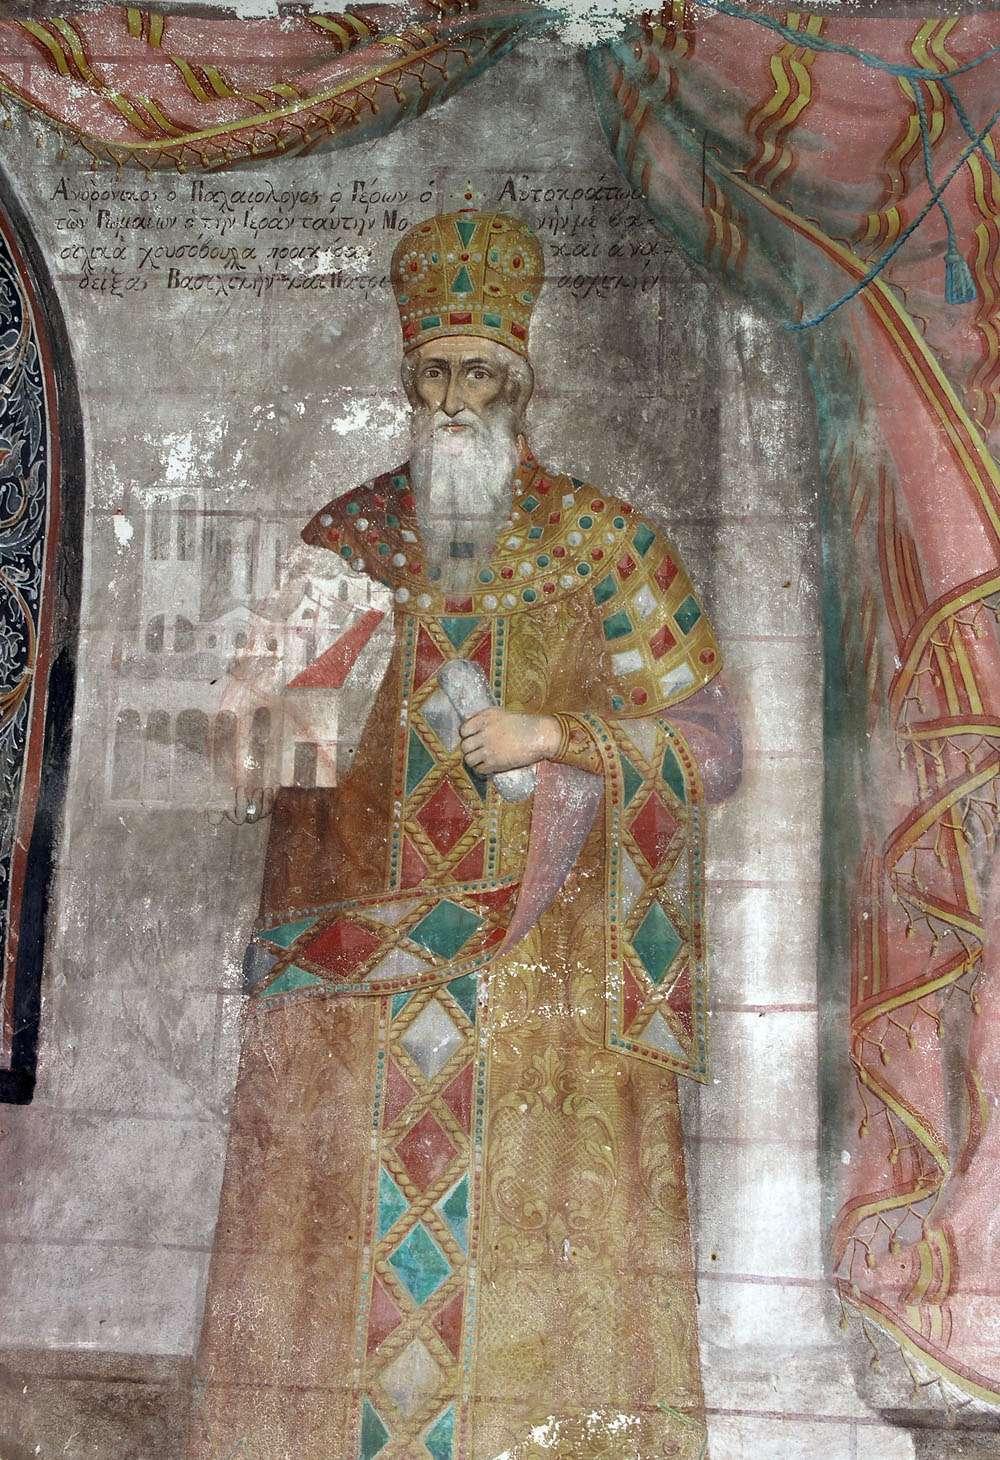 Τοιχογραφία που αναπαριστά τον Ανδρόνικο Β΄ Παλαιολόγο, η οποία βρίσκεται στην Μονή Τιμίου Προδρόμου Σερρών.